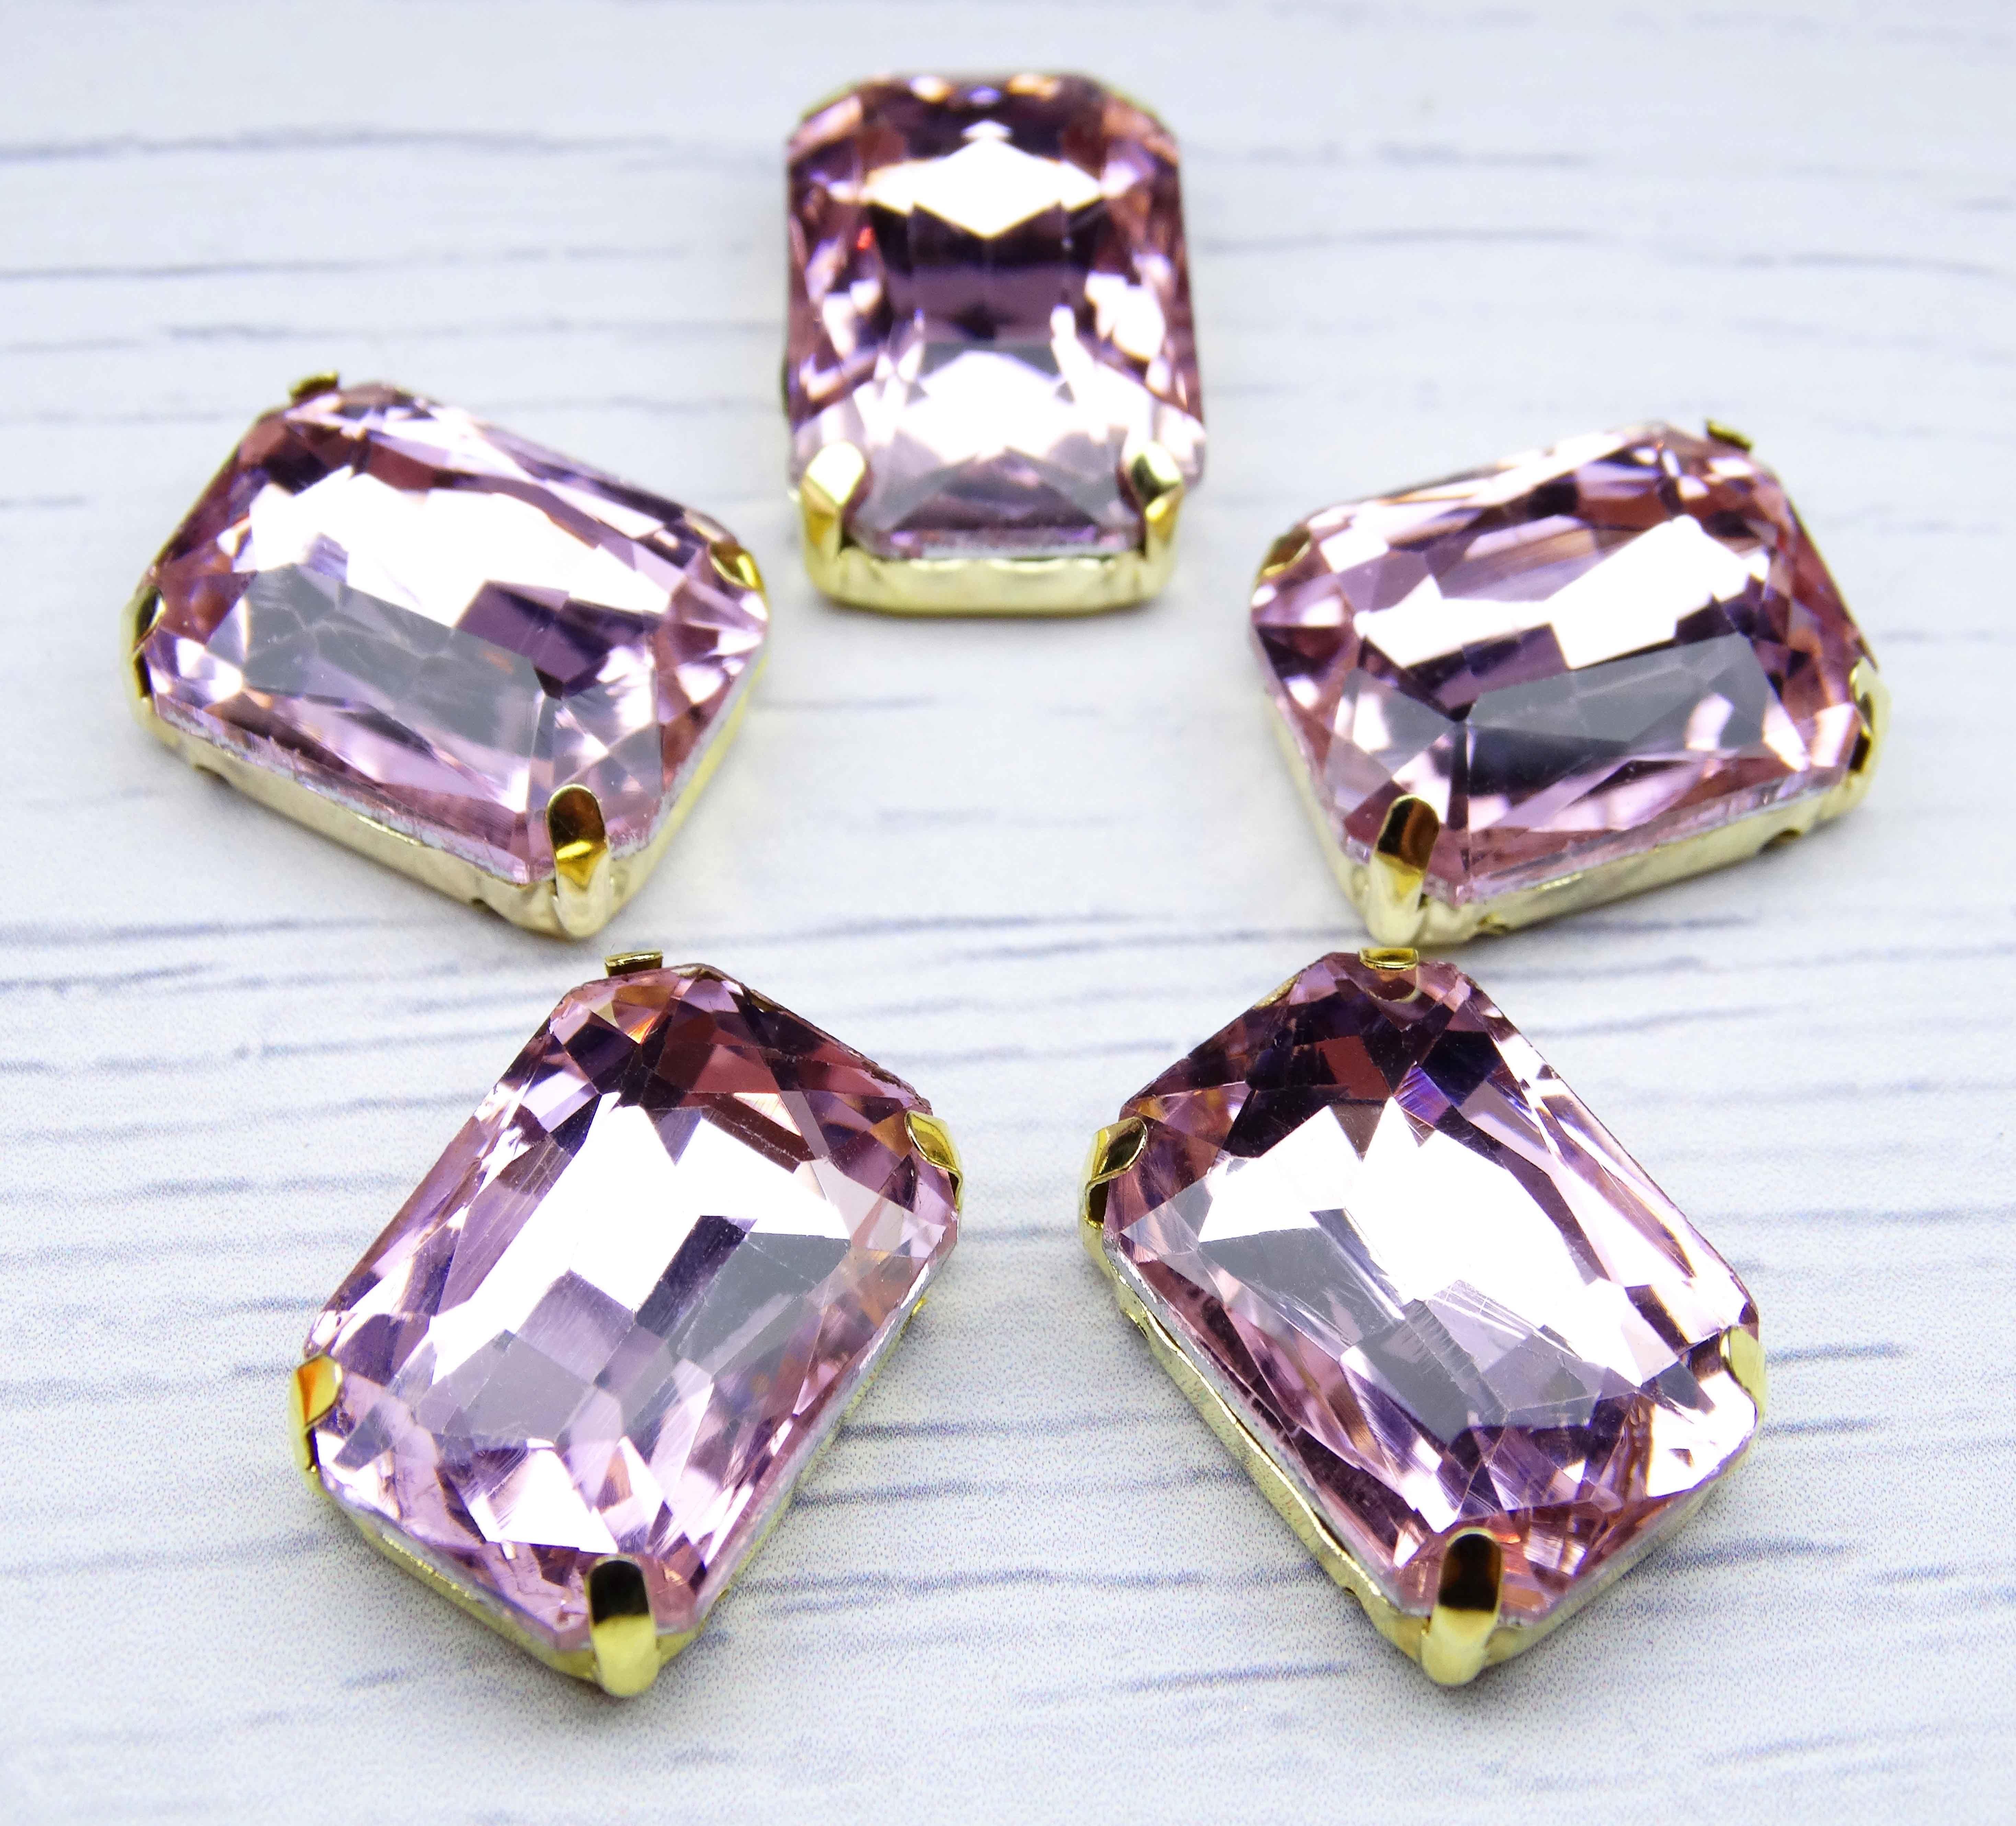 ПЦ005НН1318 Хрустальные стразы в металлических цапах (золото) Светло-розовый 13х18 мм 3 шт/упак.